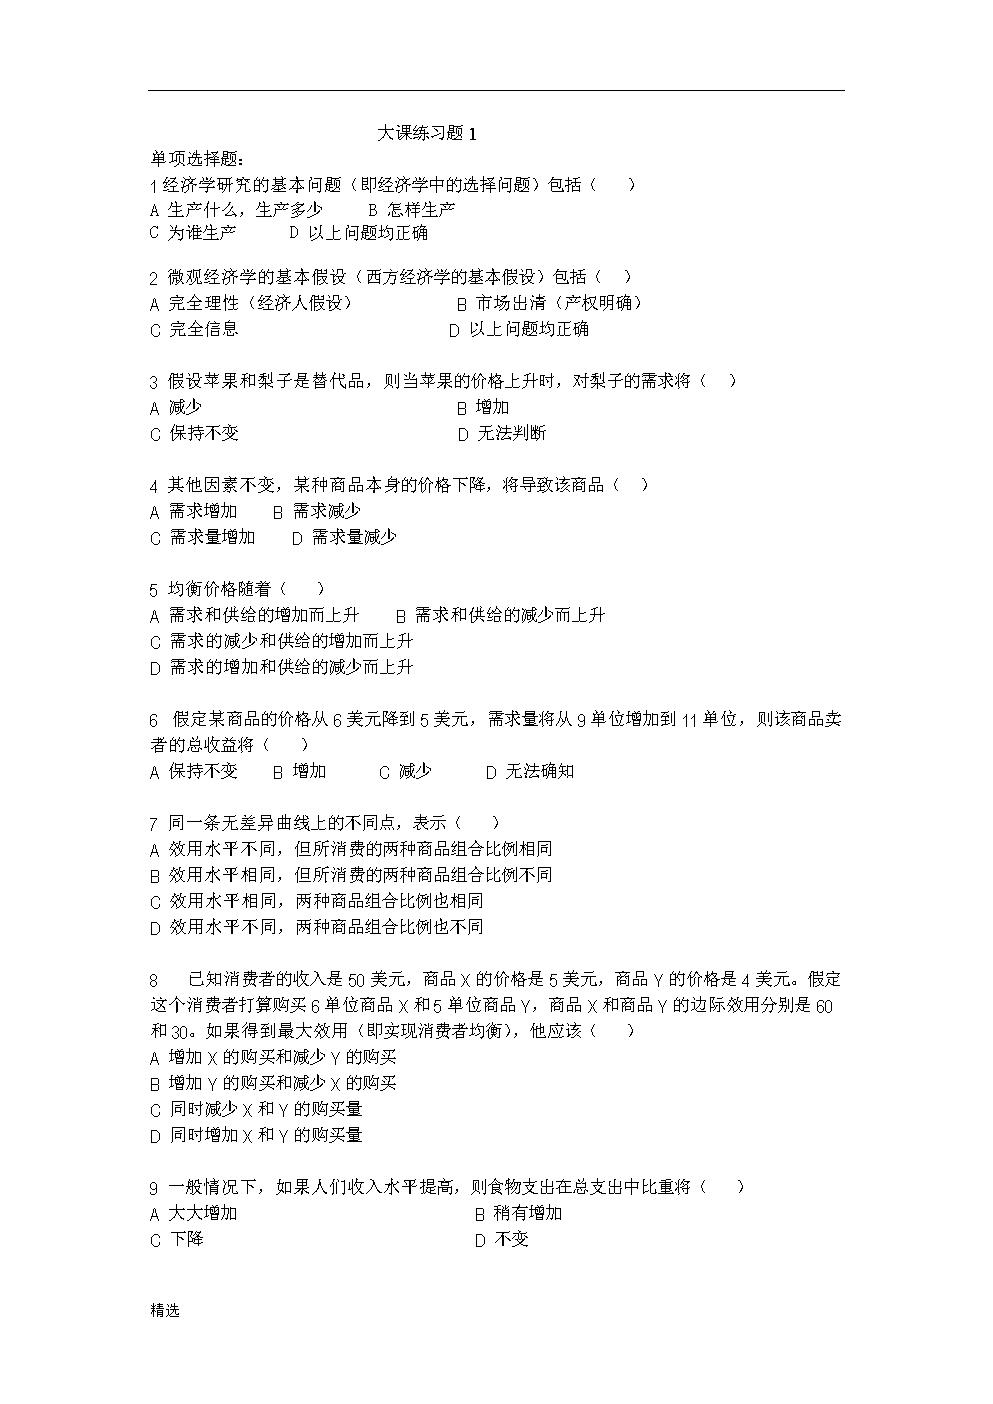 经济学练习题演示版.doc